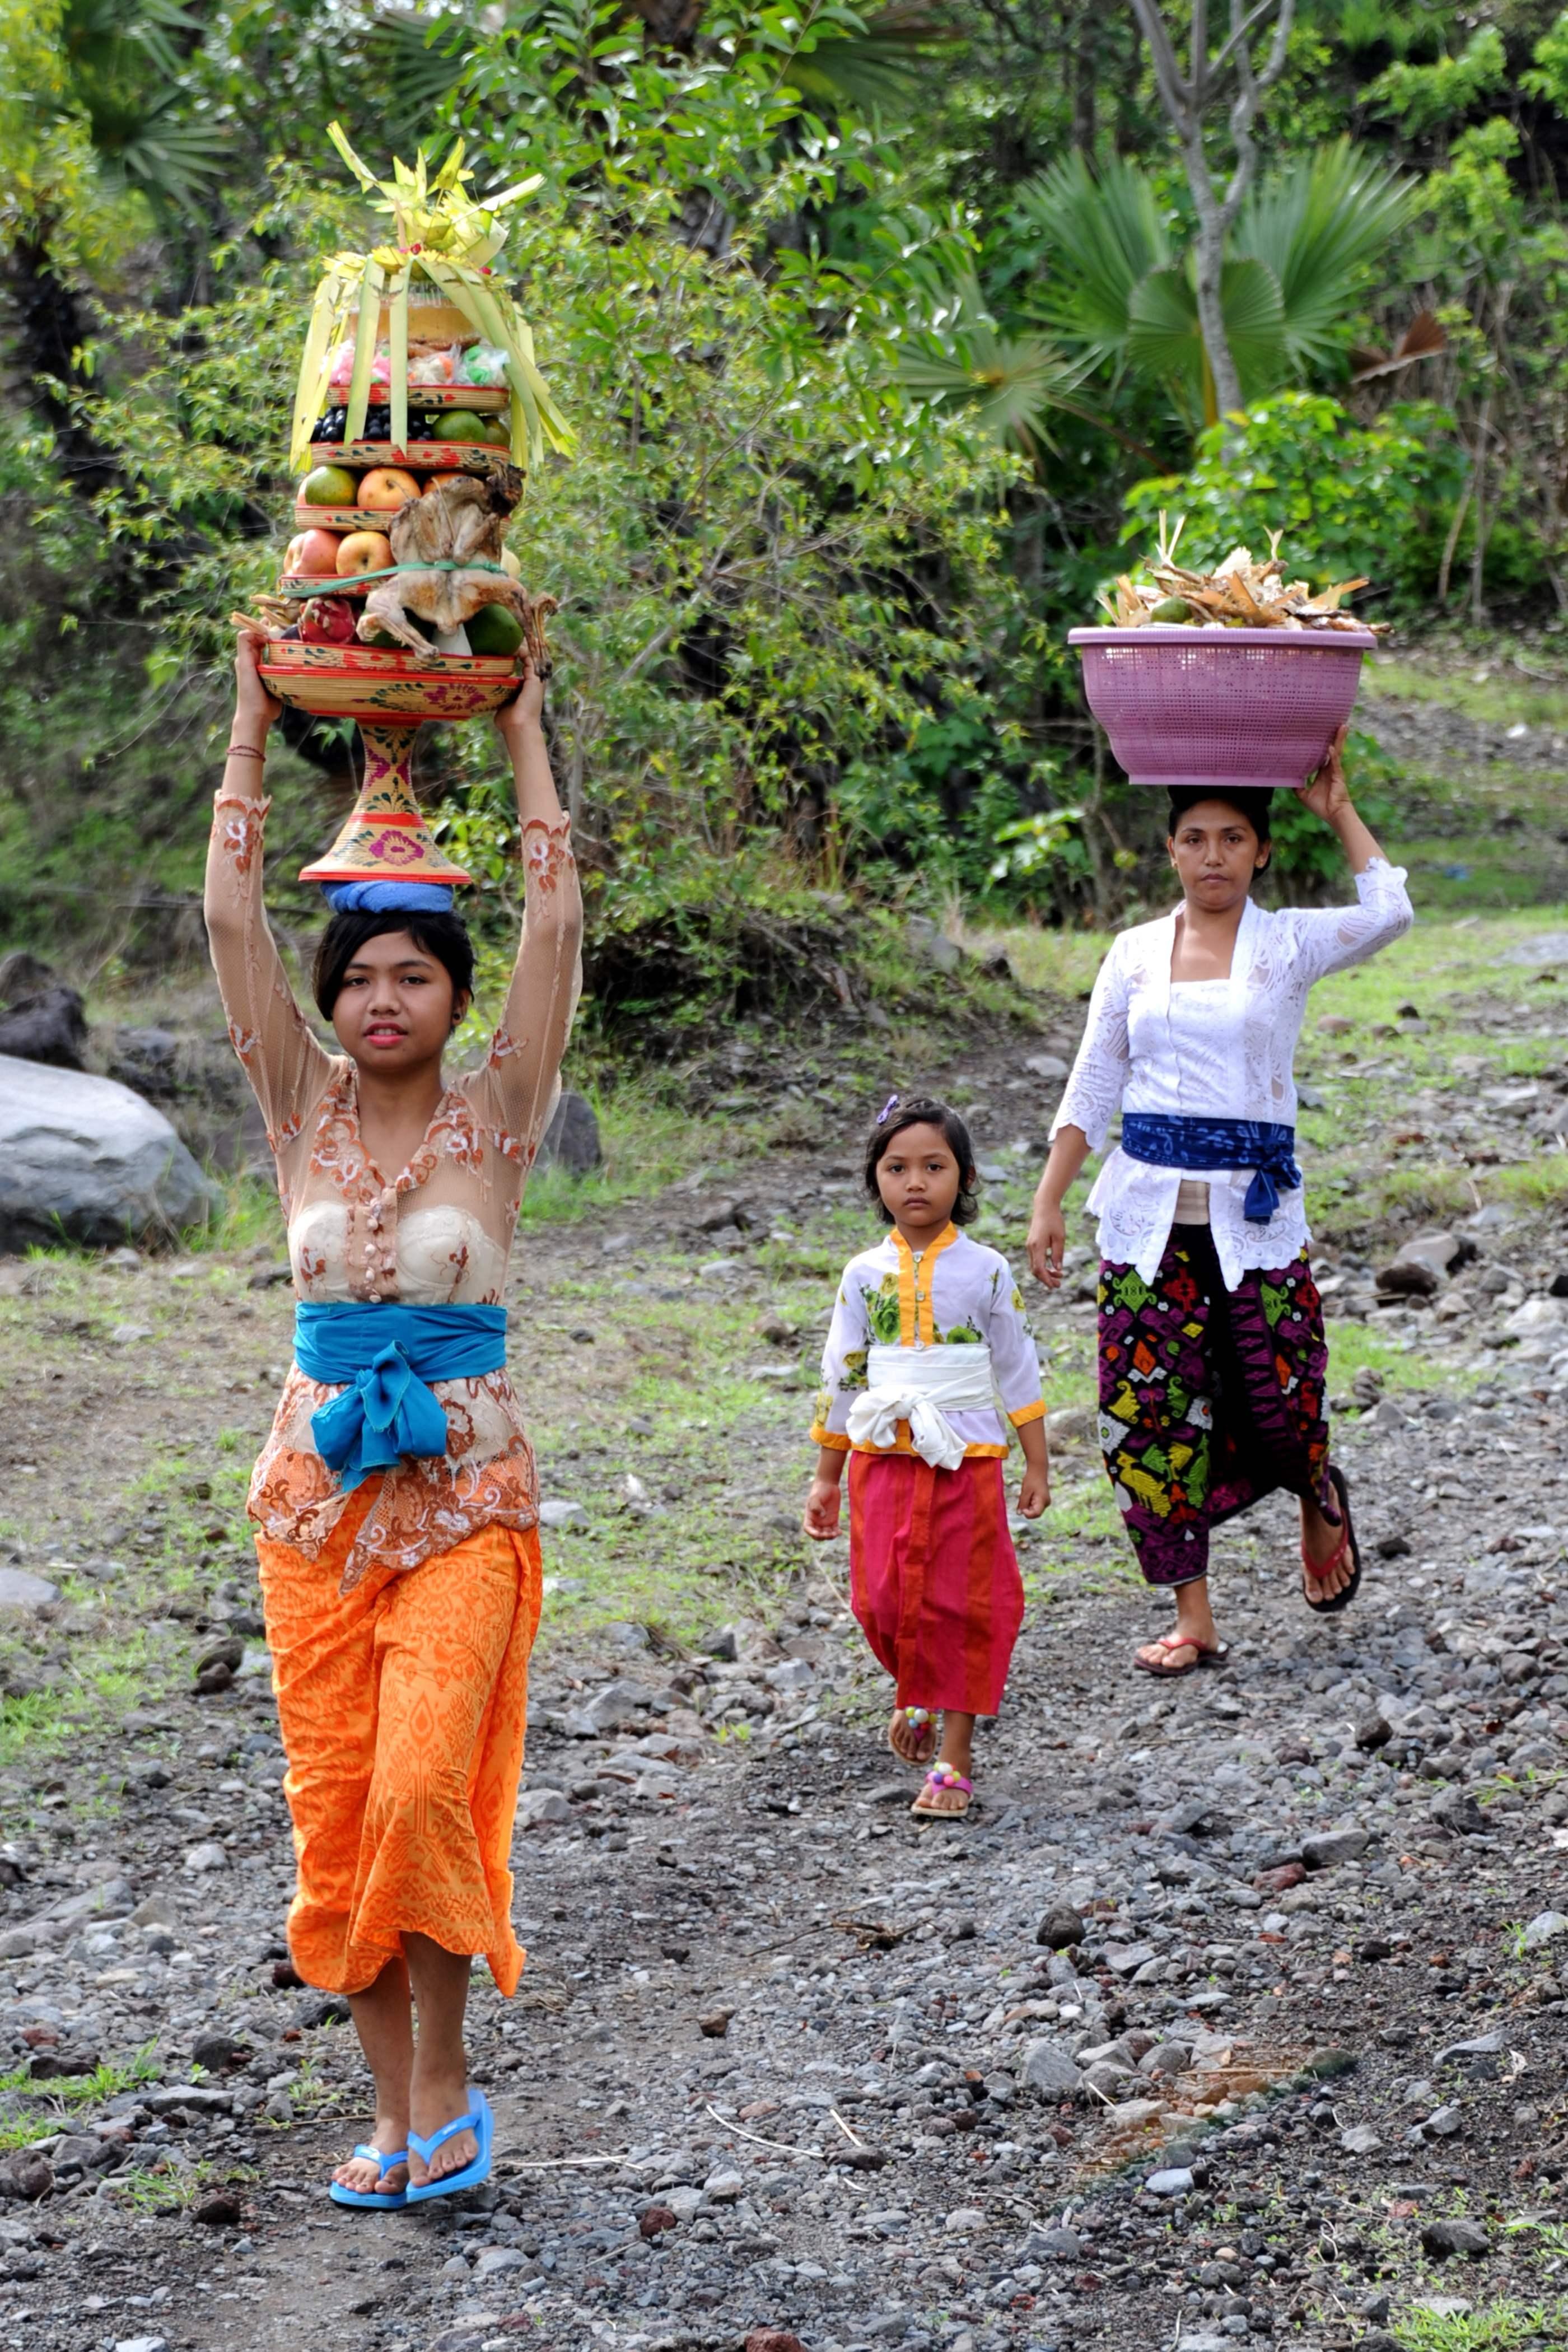 أطفال وفتيات يحملن القرابين